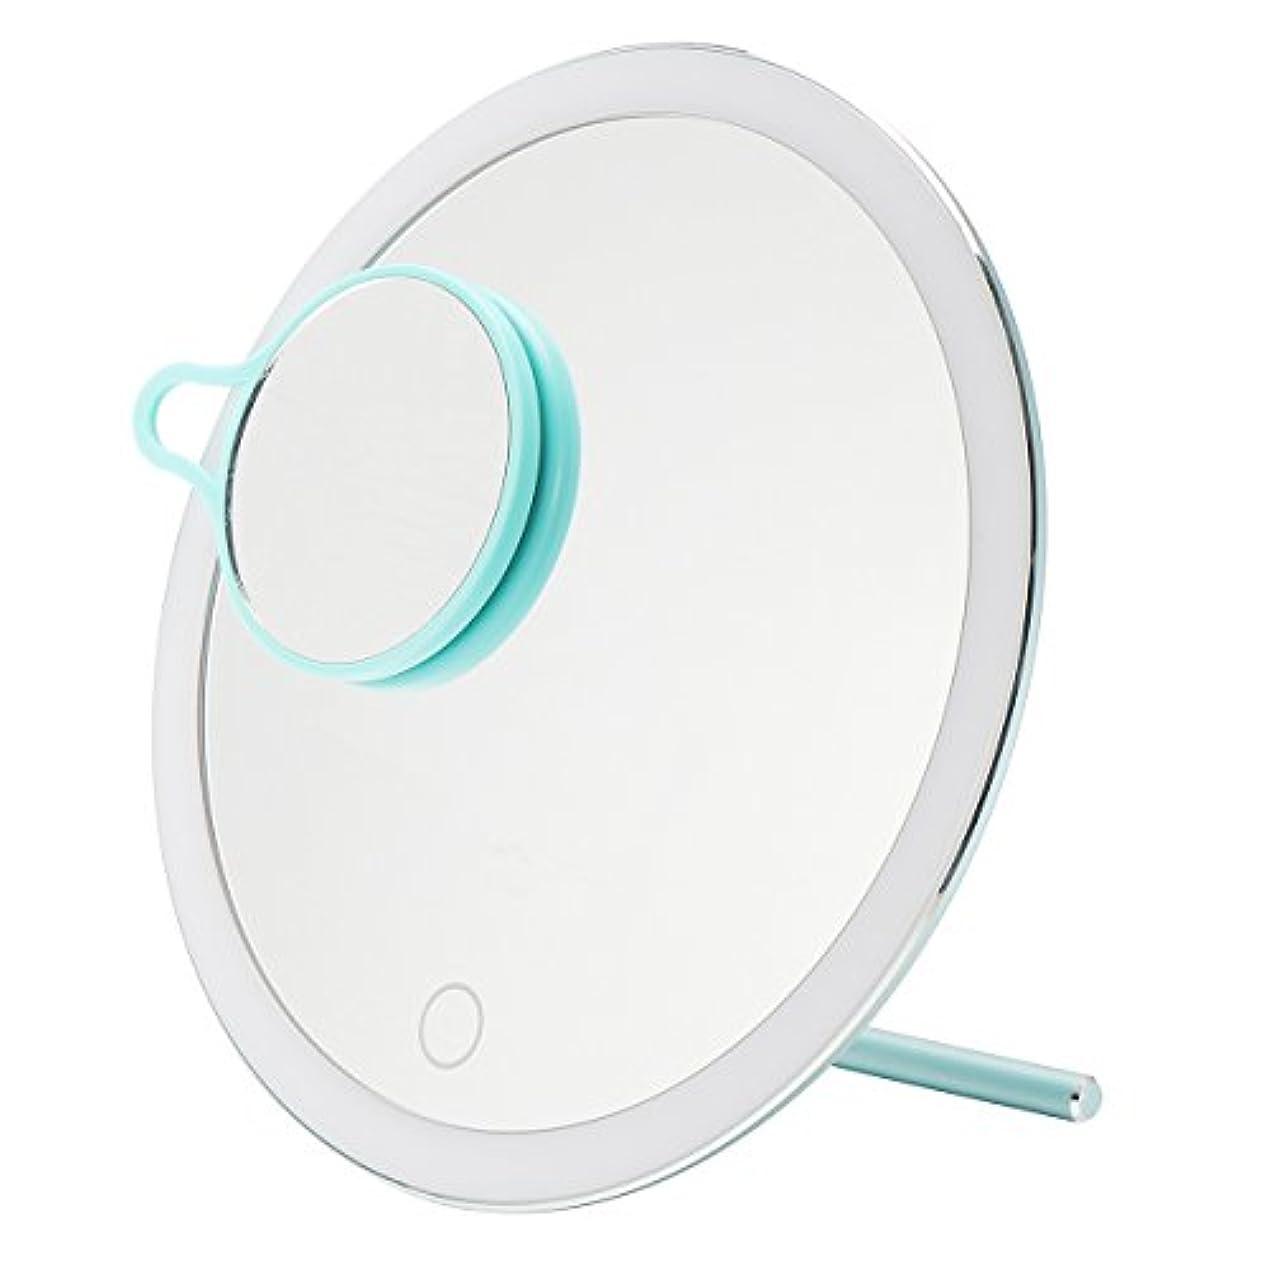 考え外部忌避剤YZUEYT USB LEDライトメイクアップミラータッチスクリーン携帯用拡大鏡バニティテーブルトップランプ化粧ミラーメイクアップツール YZUEYT (Color : Color Blue)